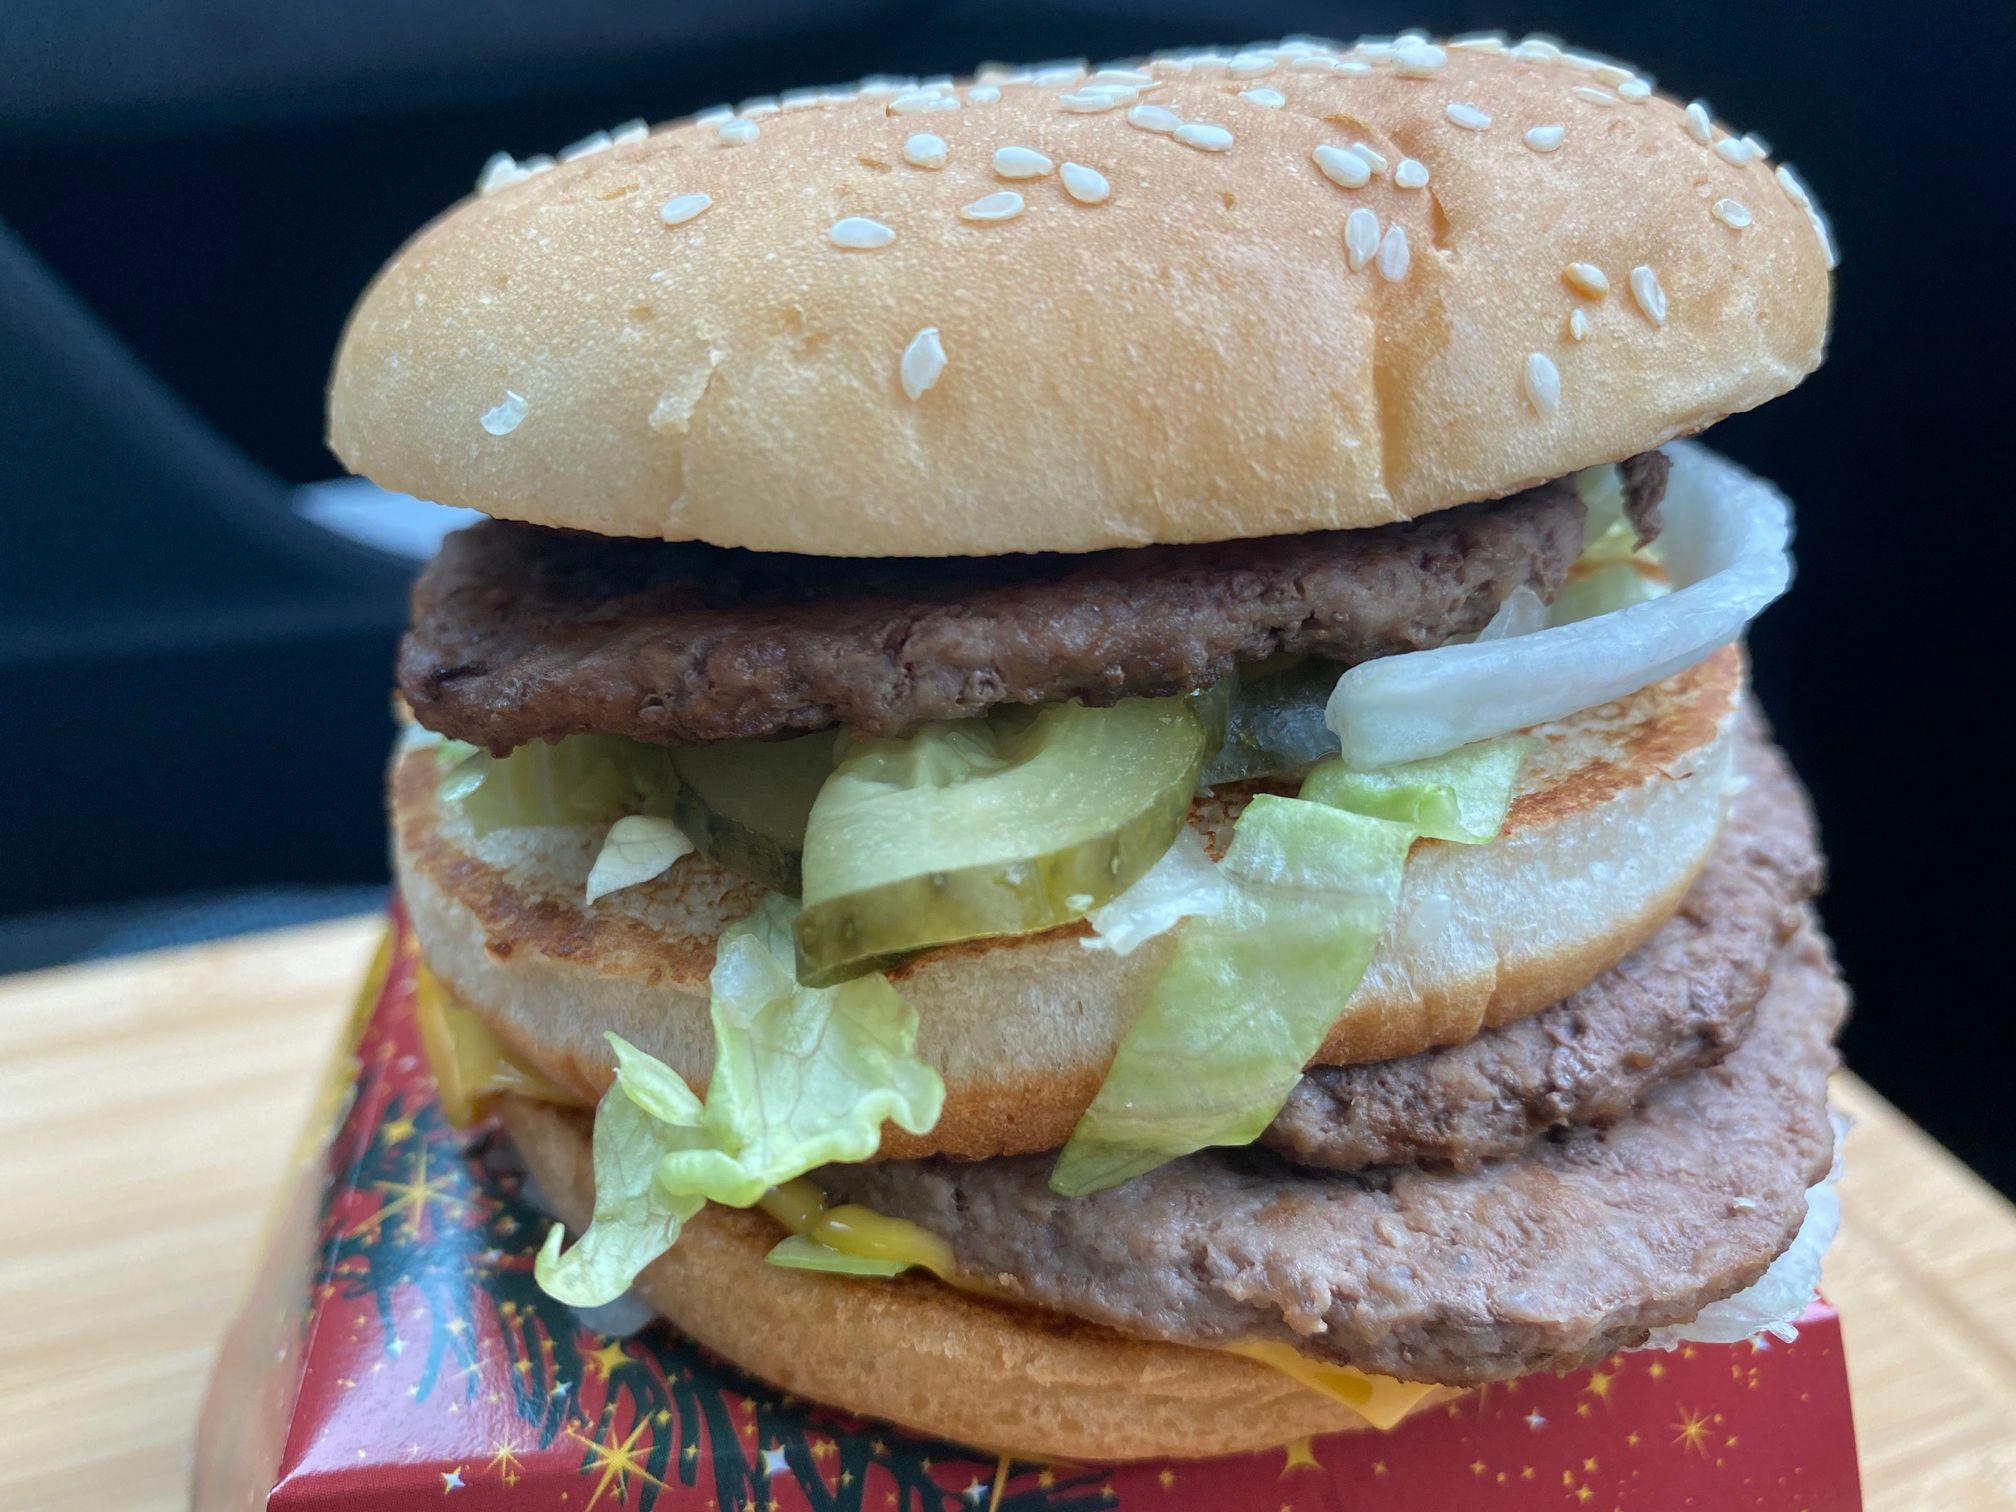 Double Big Mac UK 2020